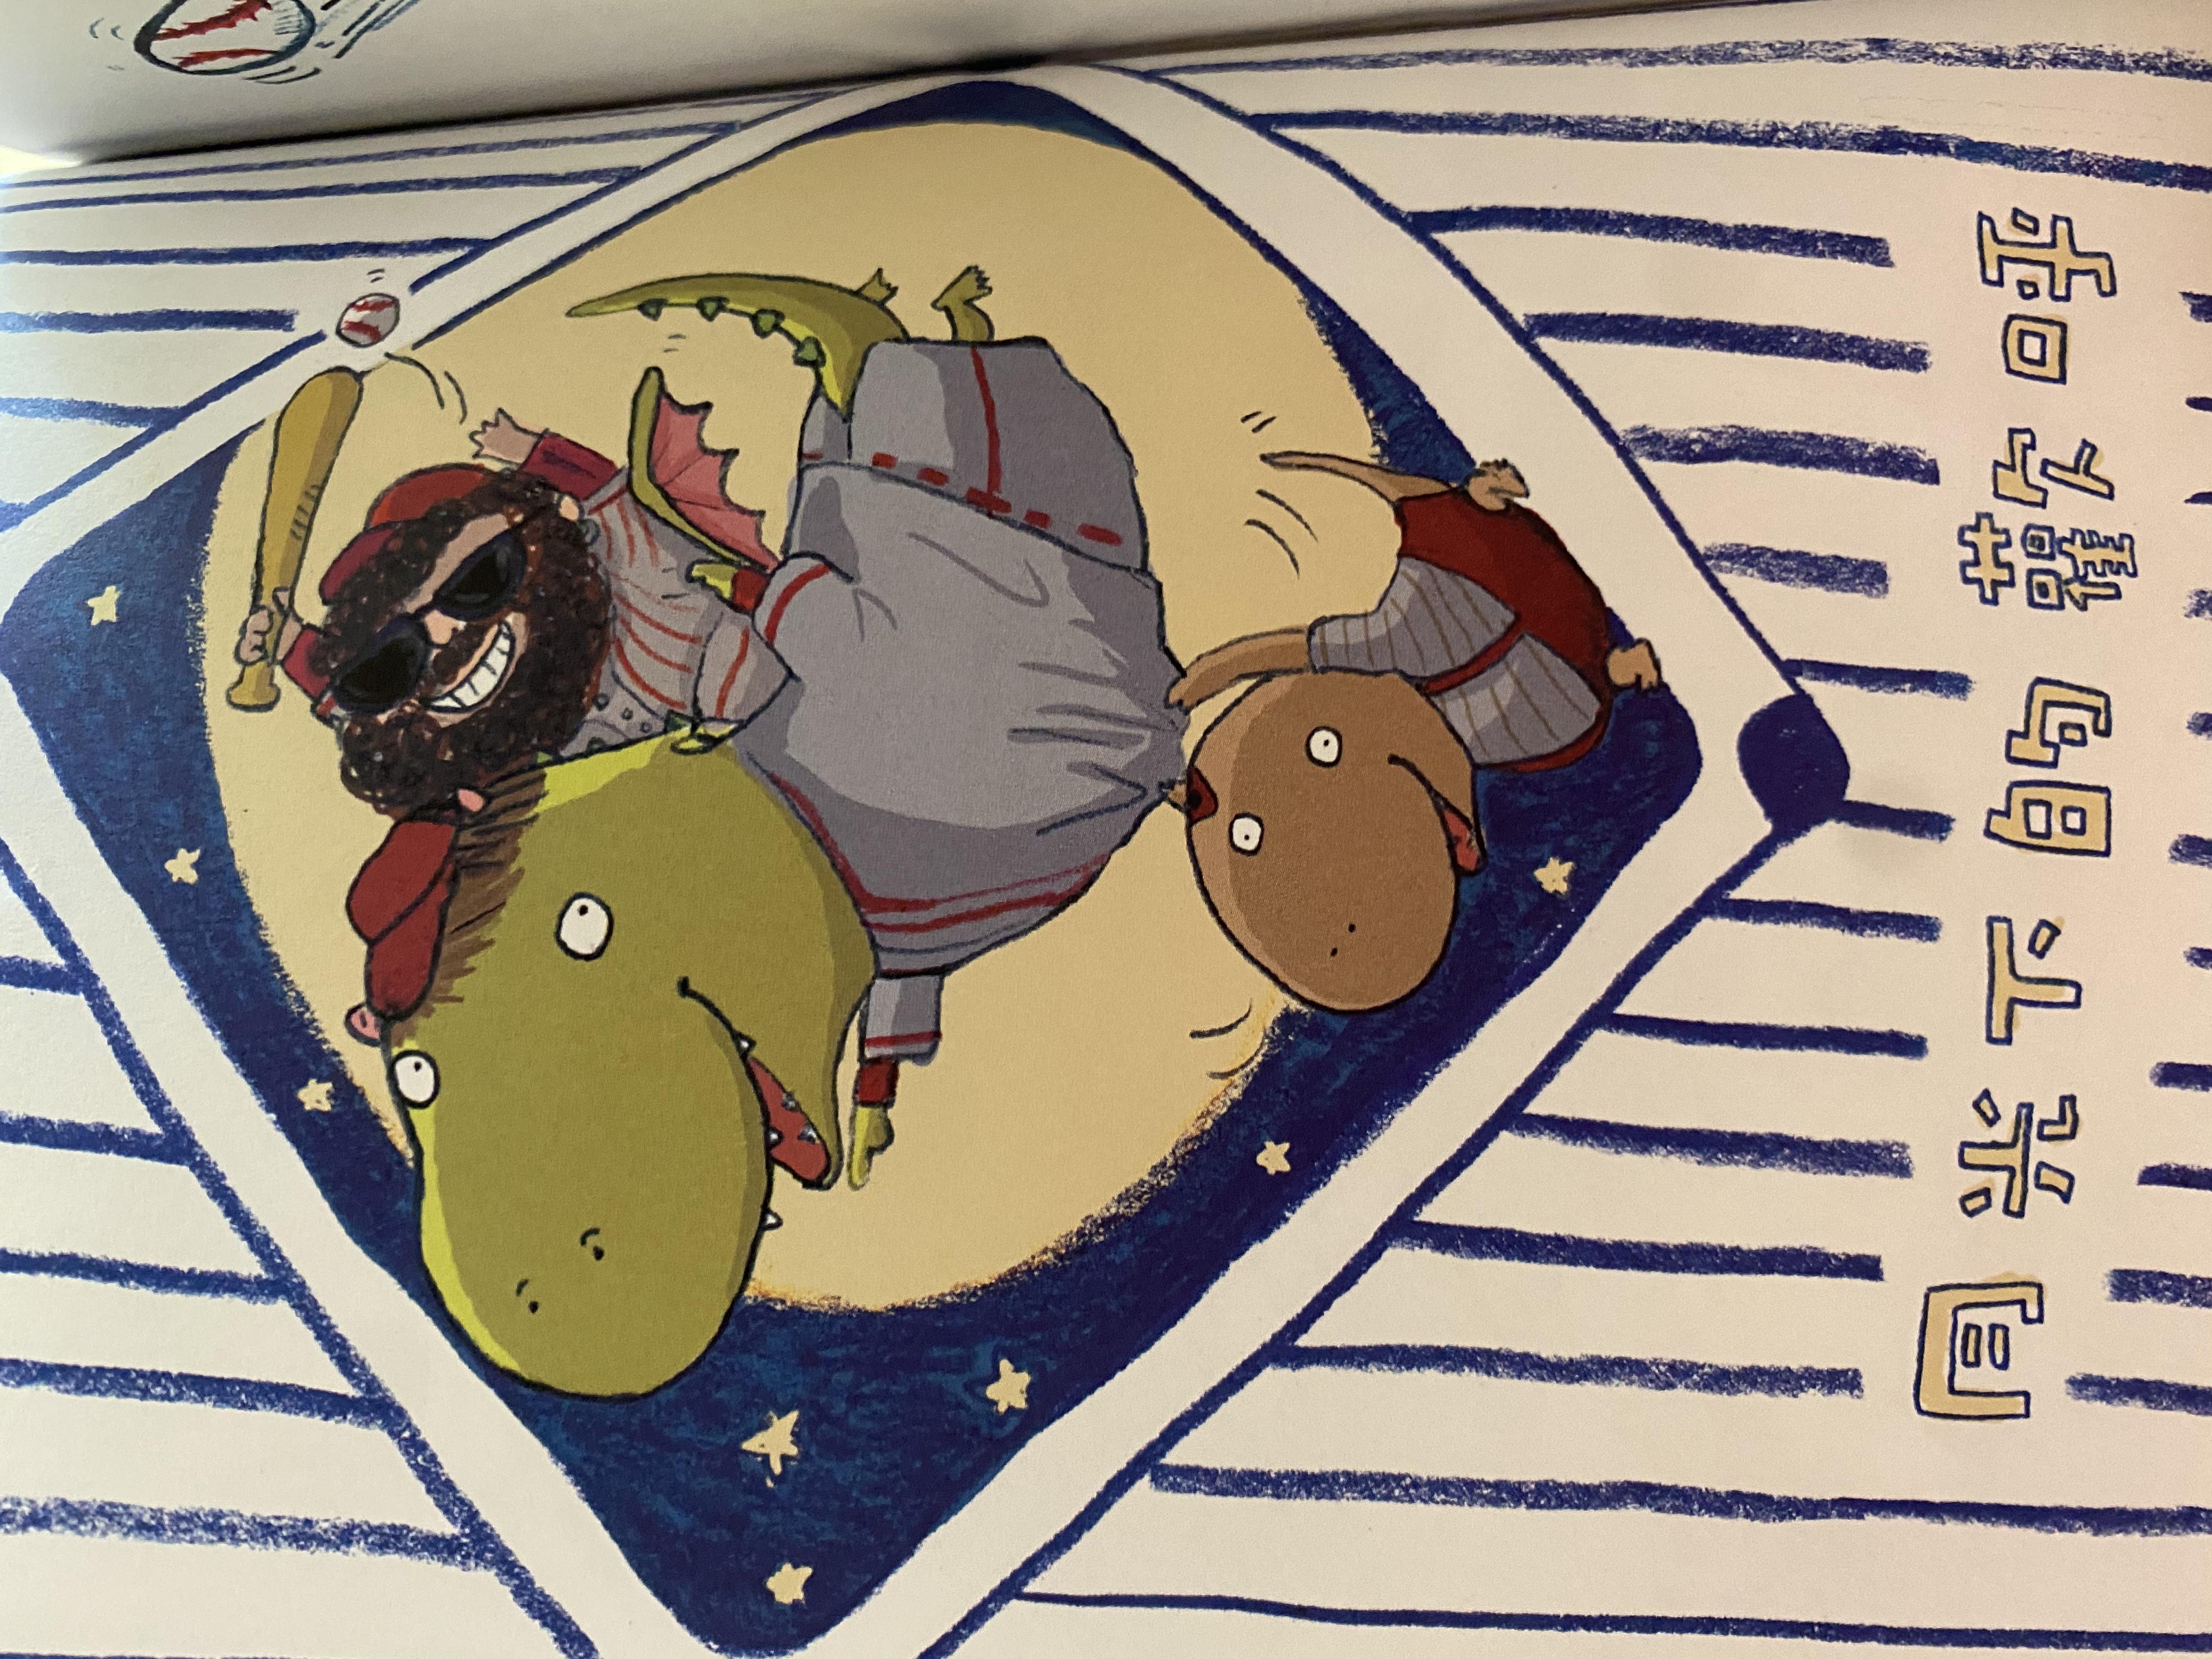 S2-024/小火龍棒球隊:月光下的歡呼/ 小火龍系列3/ chapter 6/ 哲也 水腦/ 親子天下